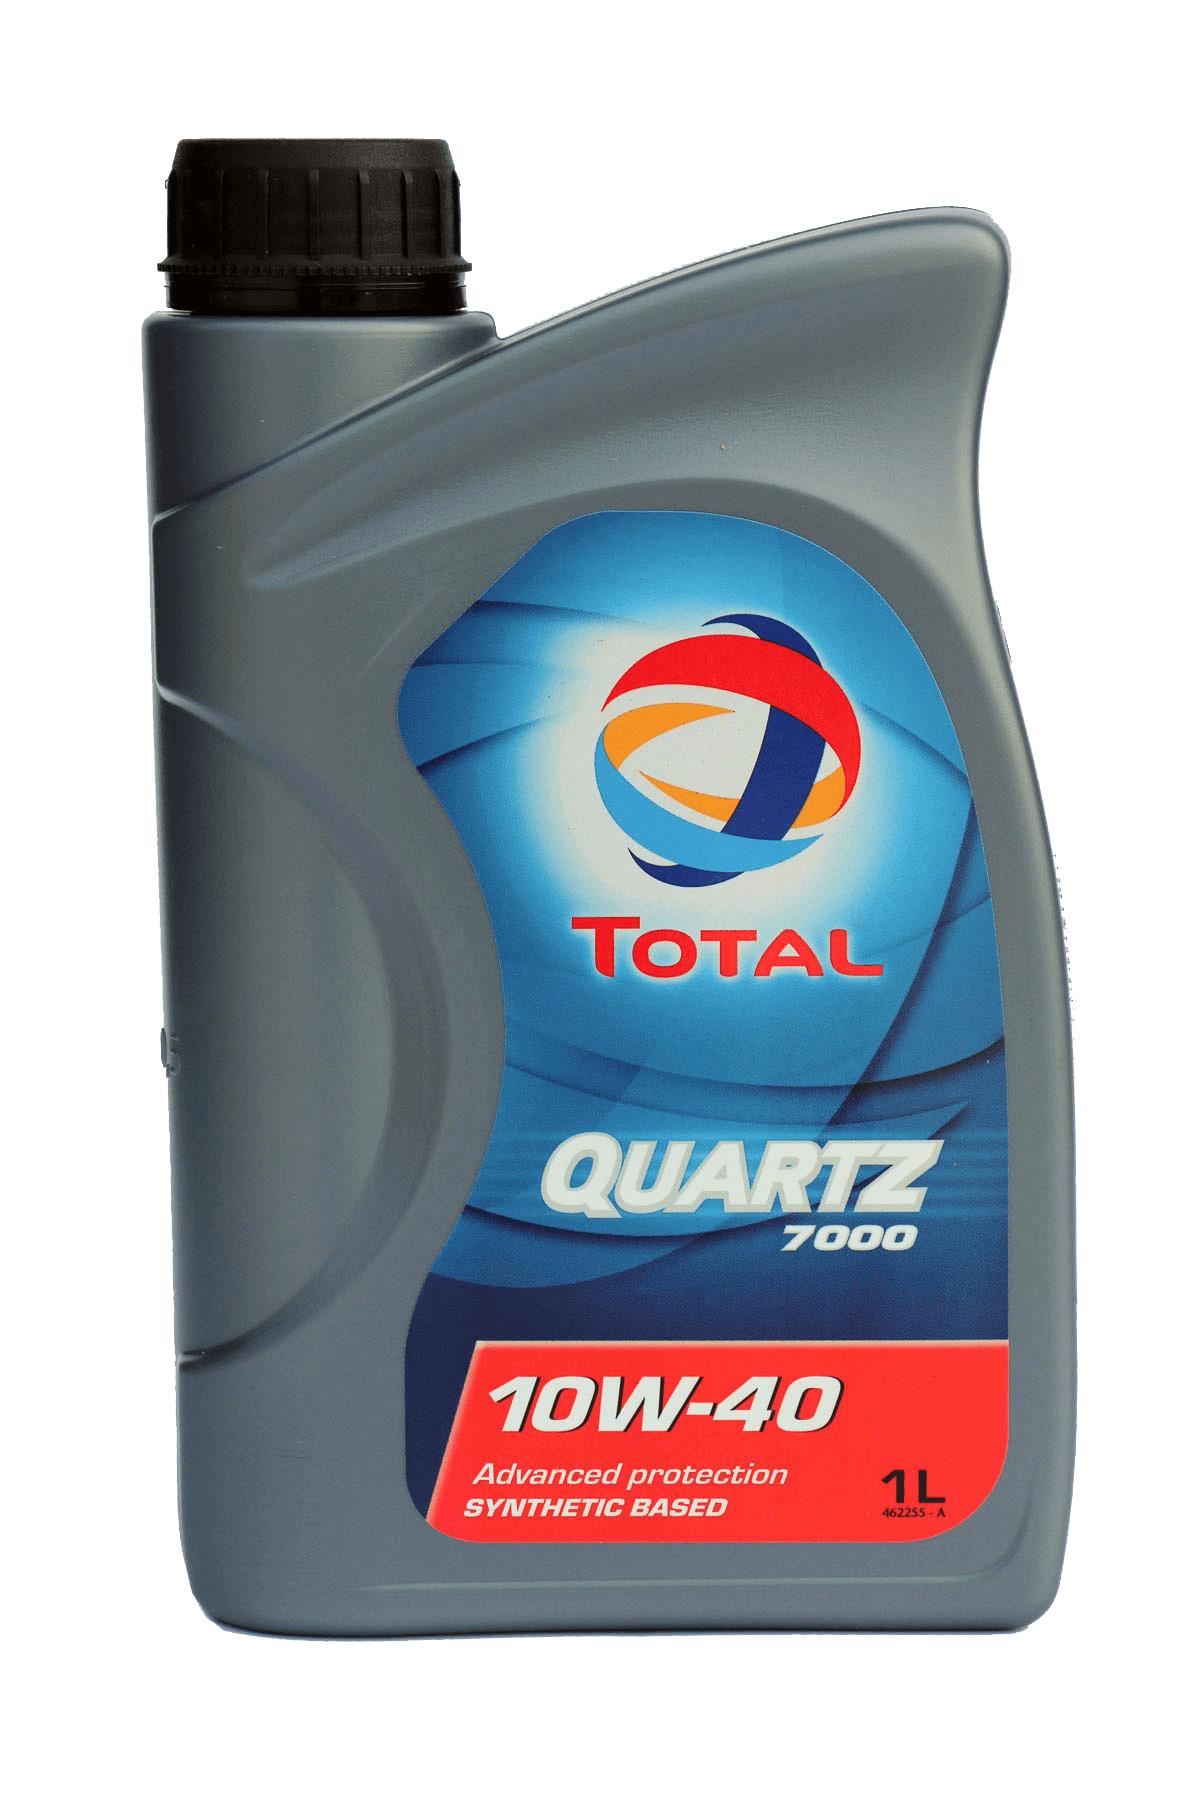 Total Quartz 7000 10W-40 (SN) Motoröl, 1l